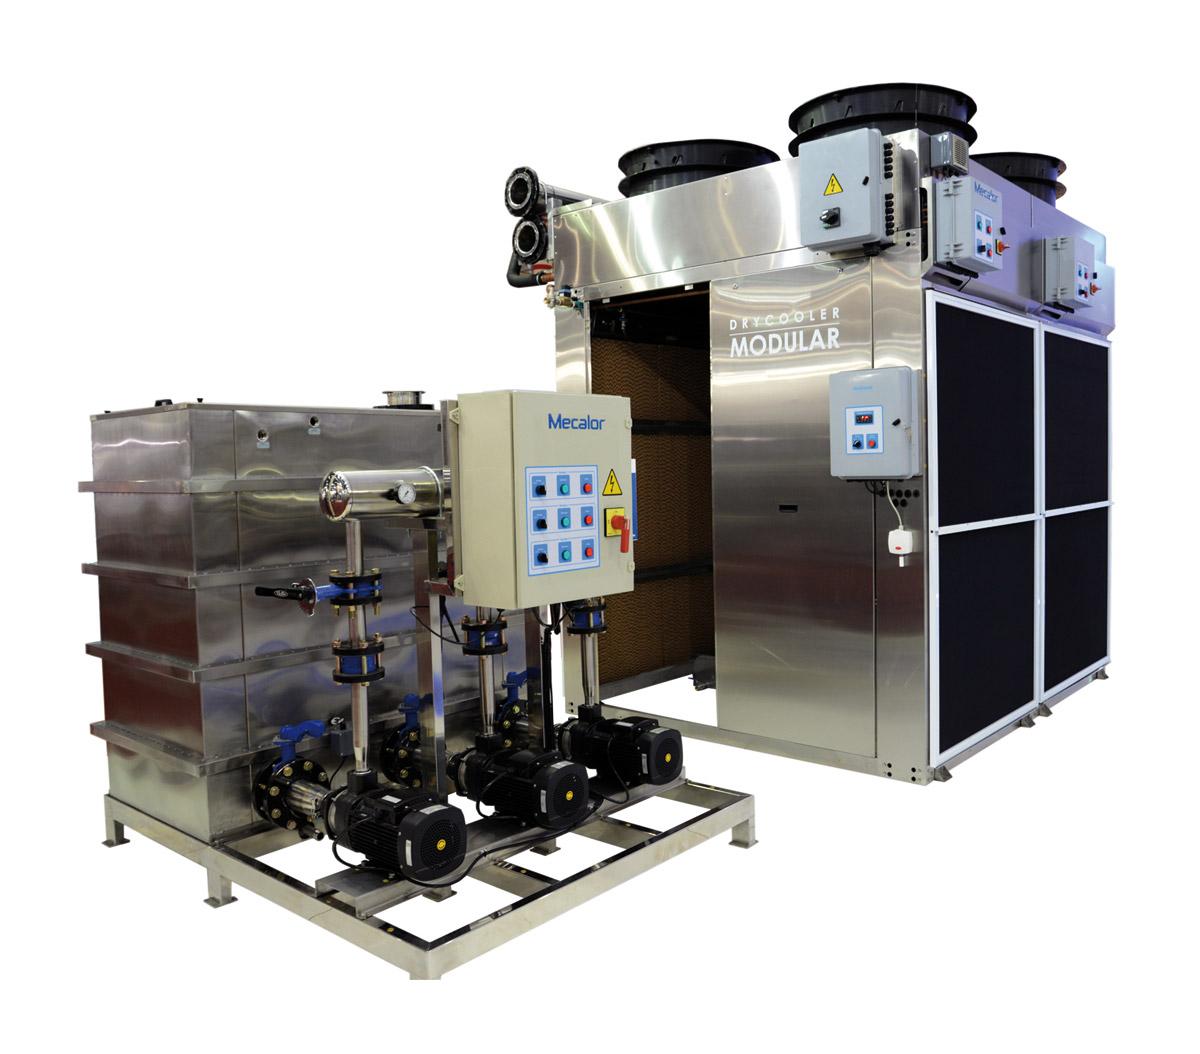 Plástico Moderno, Dry cooler modular da Mecalor